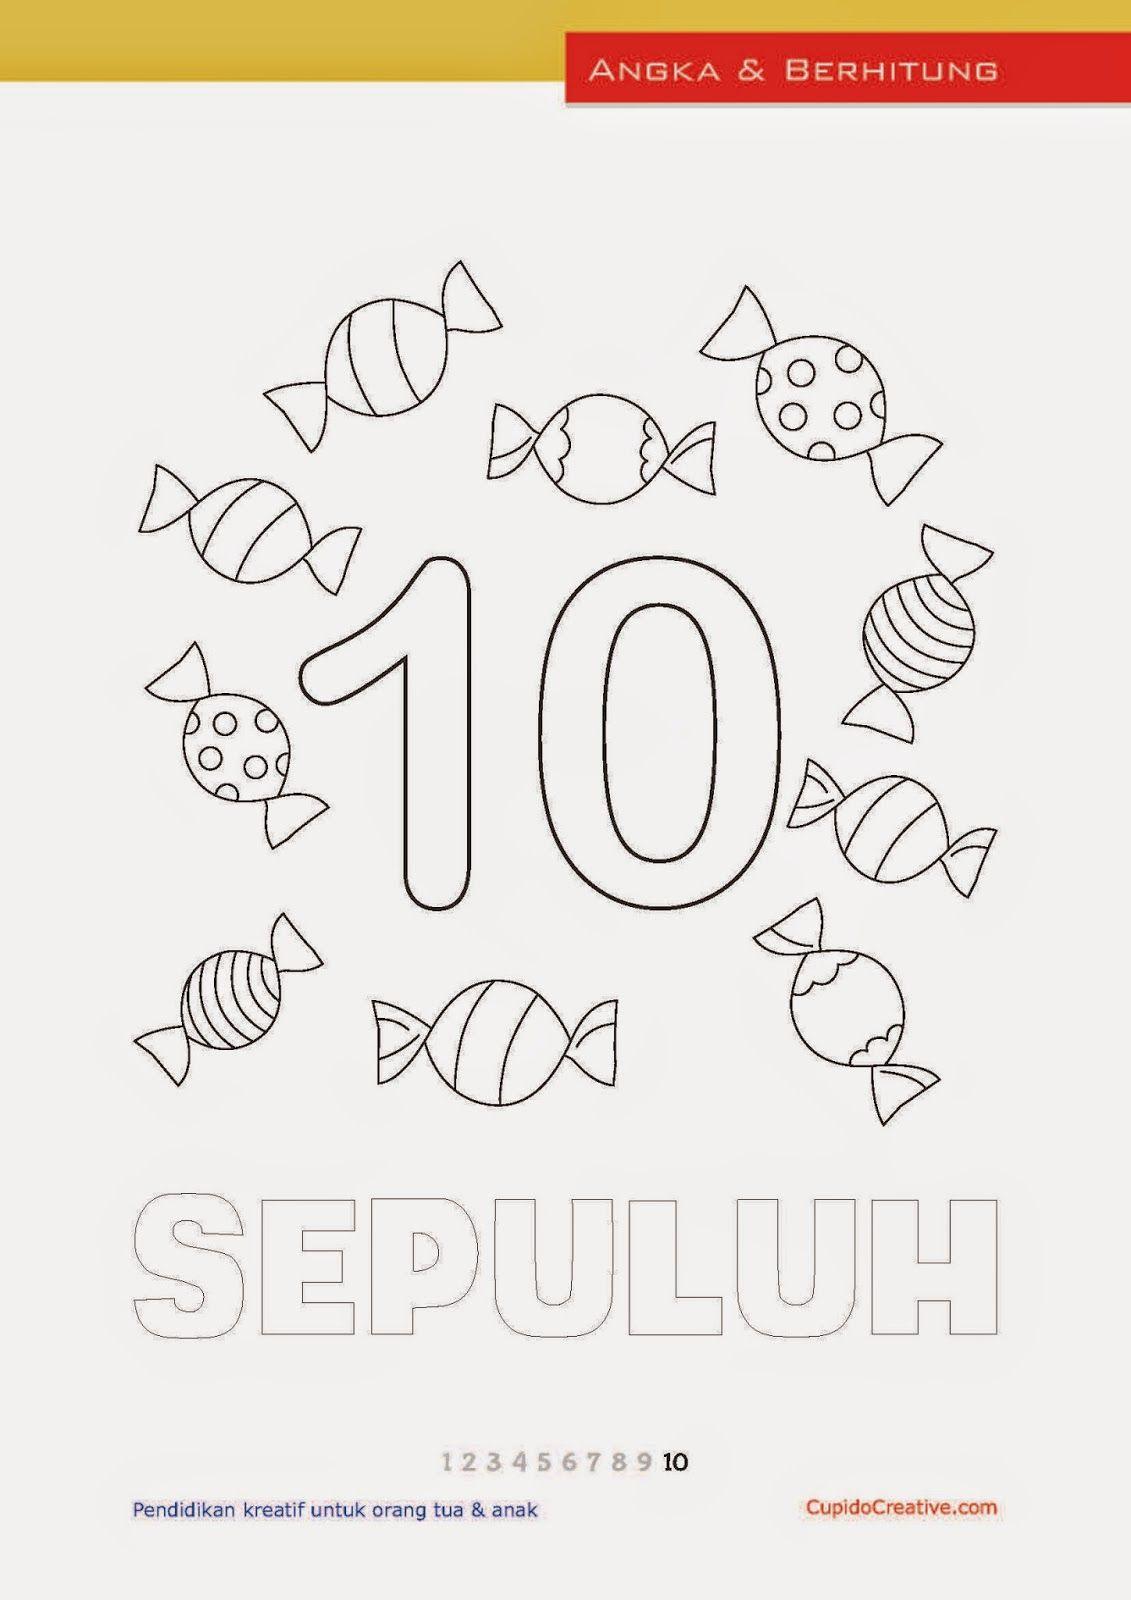 Belajar Paudbalitatk Mengenal Menulis Angka 1 10 Sambil Bermain